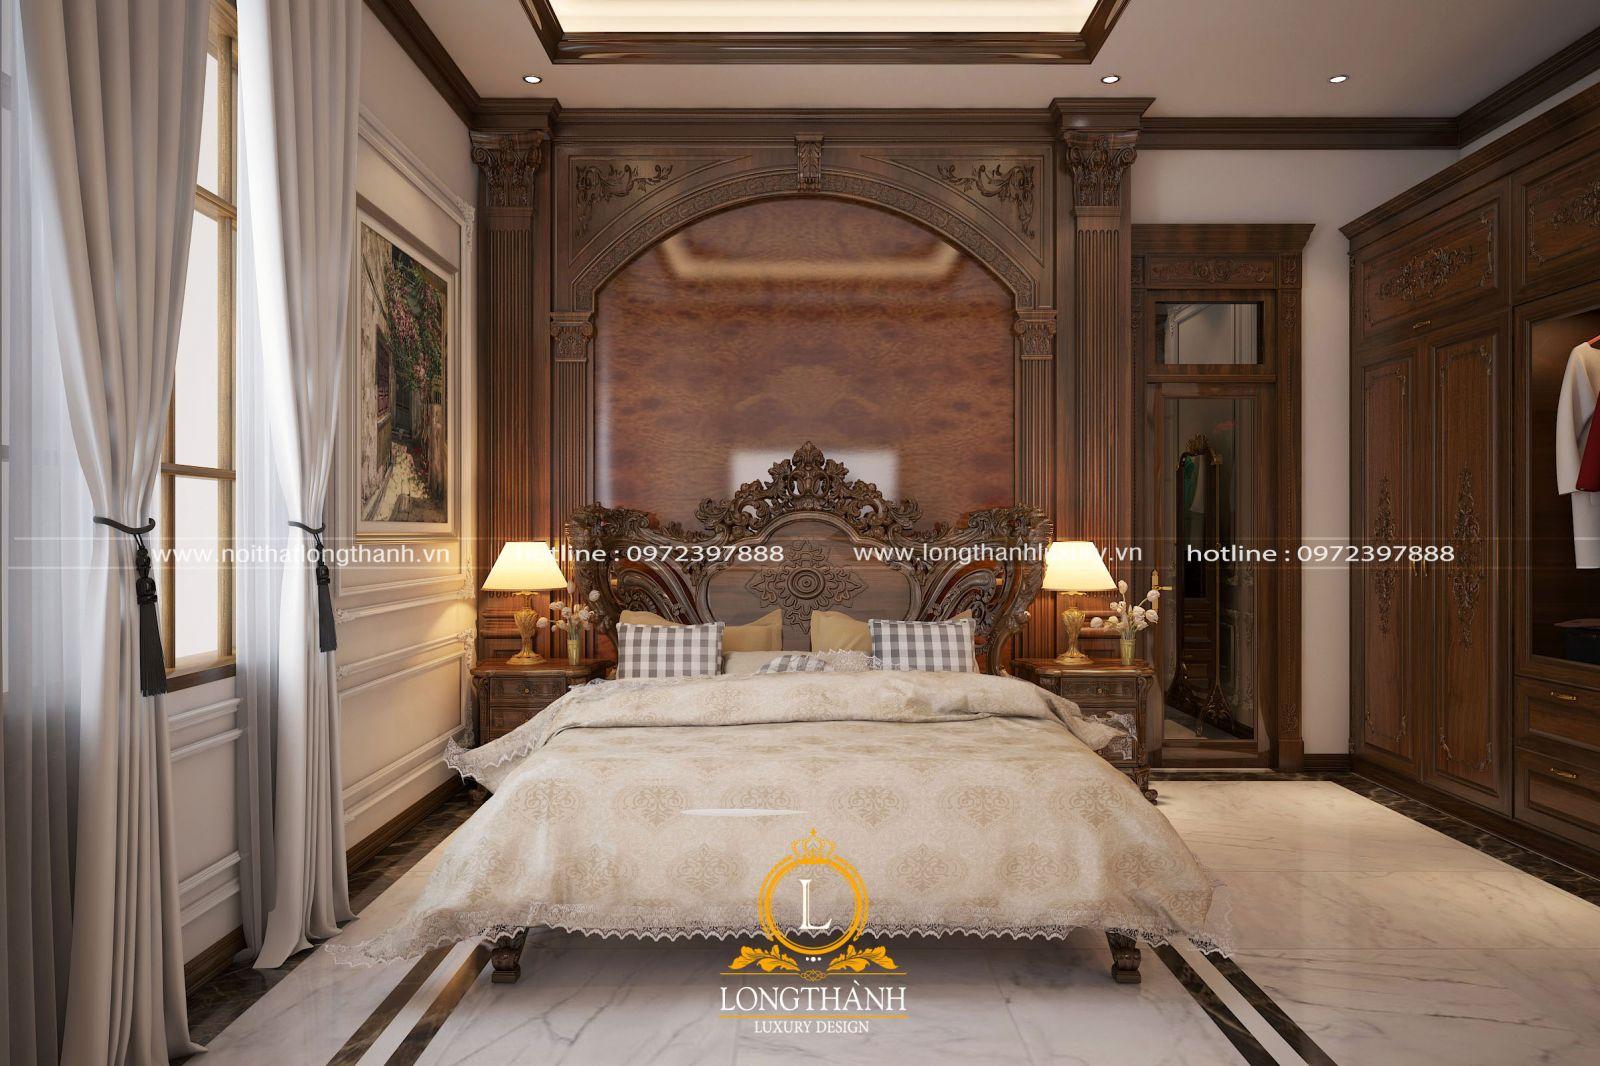 Phòng ngủ cao cấp với gam màu trầm